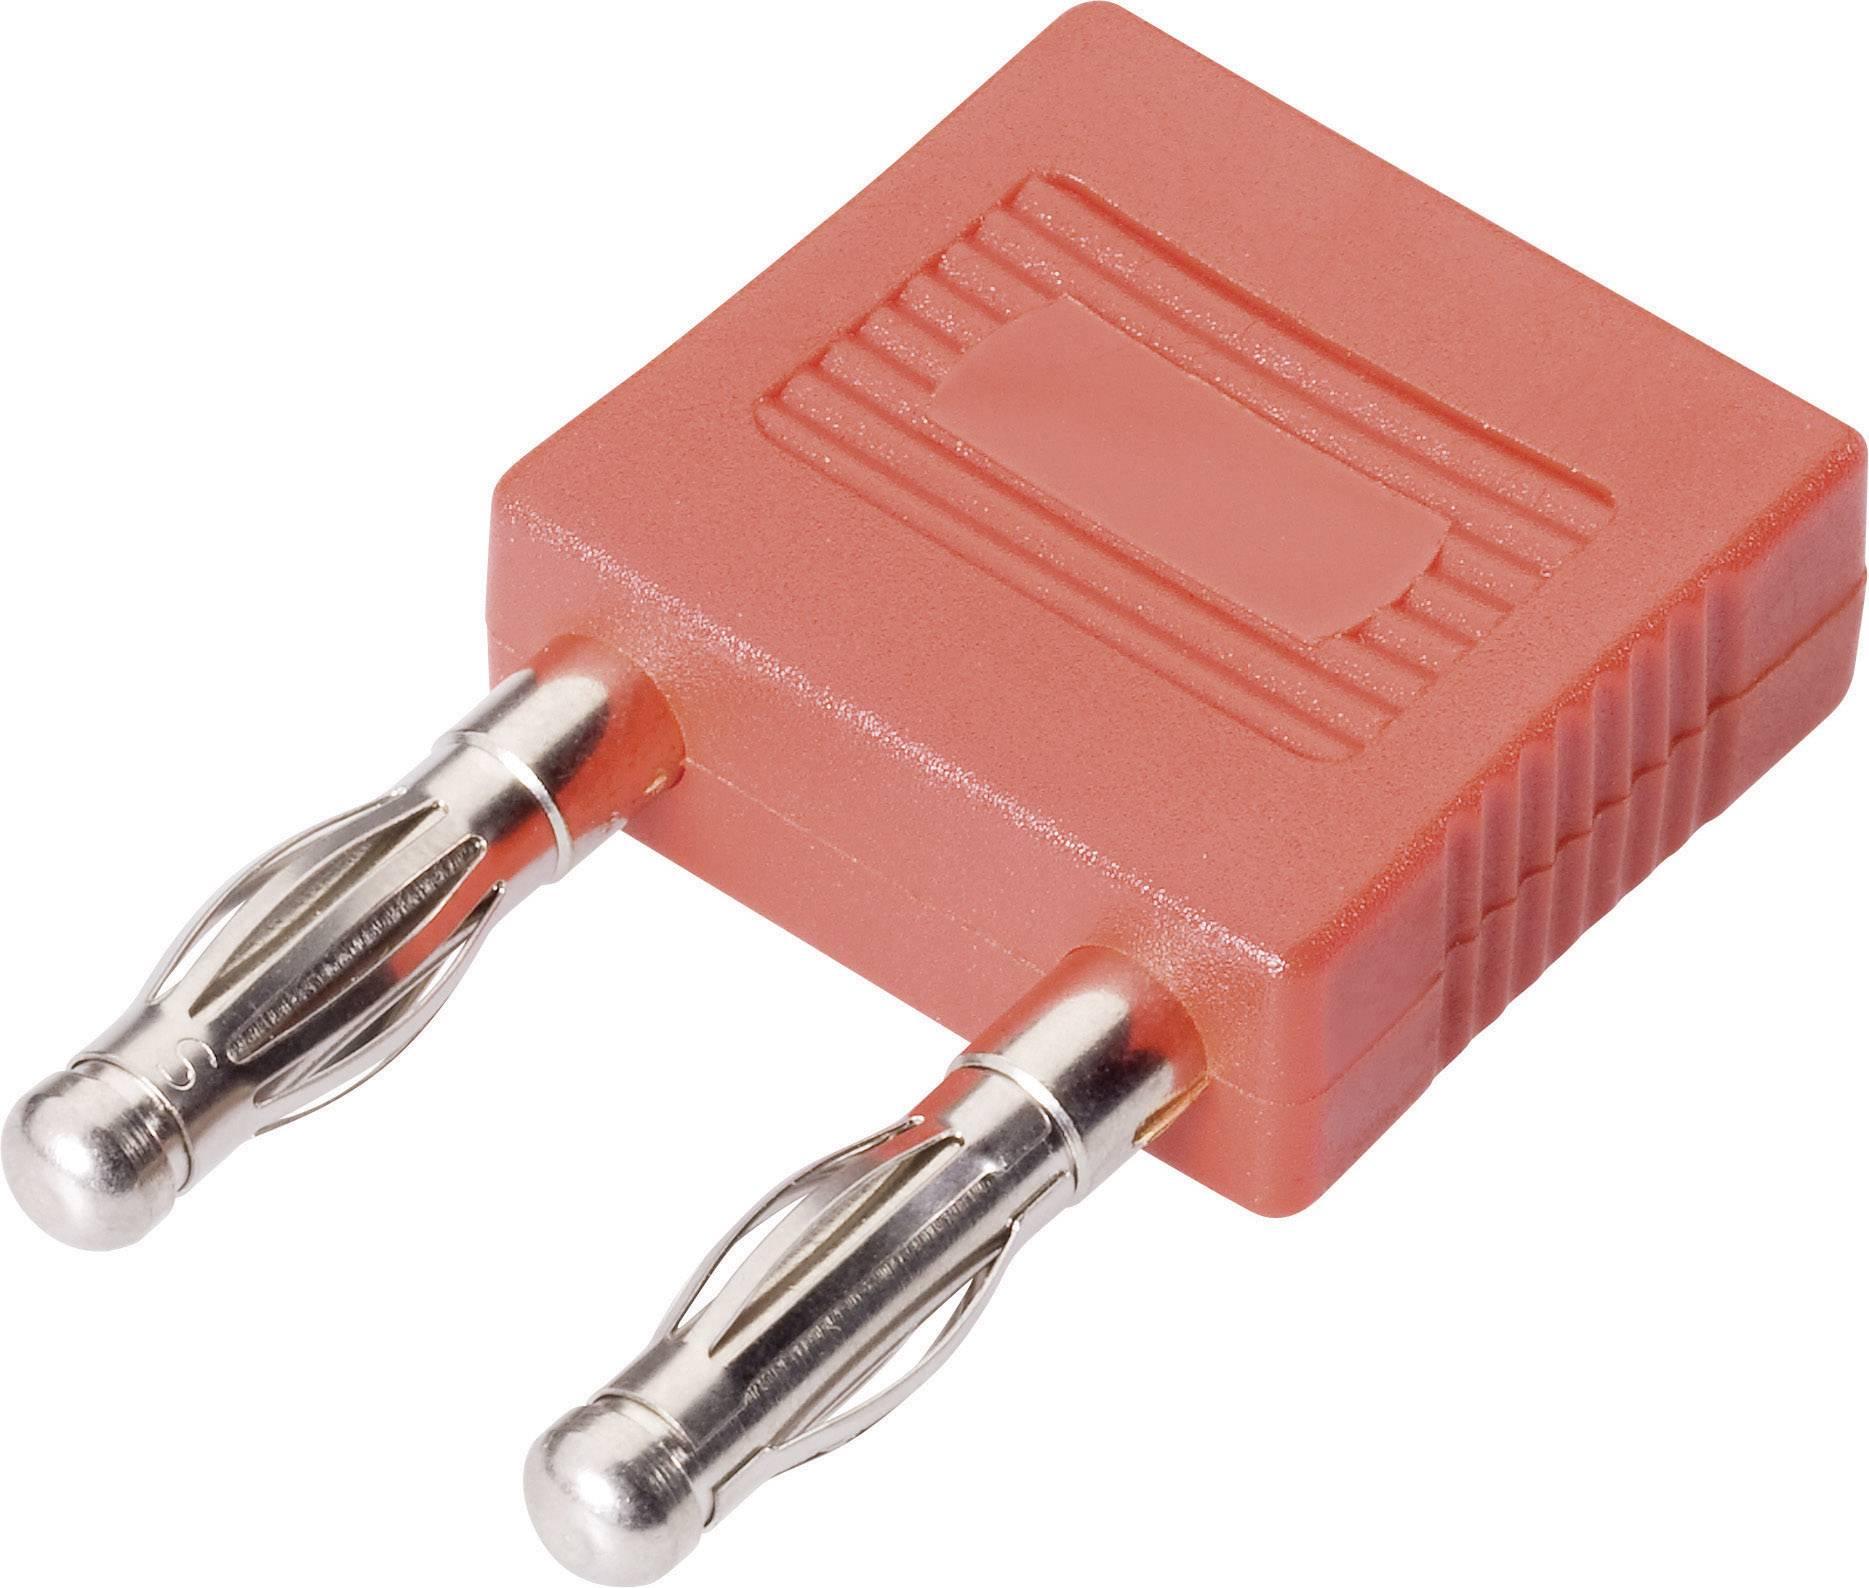 Spojovací konektor Schnepp FK 14/4mB - AU, Ø hrotu 4 mm, rozostup hrotov 14 mm, červená, 1 ks